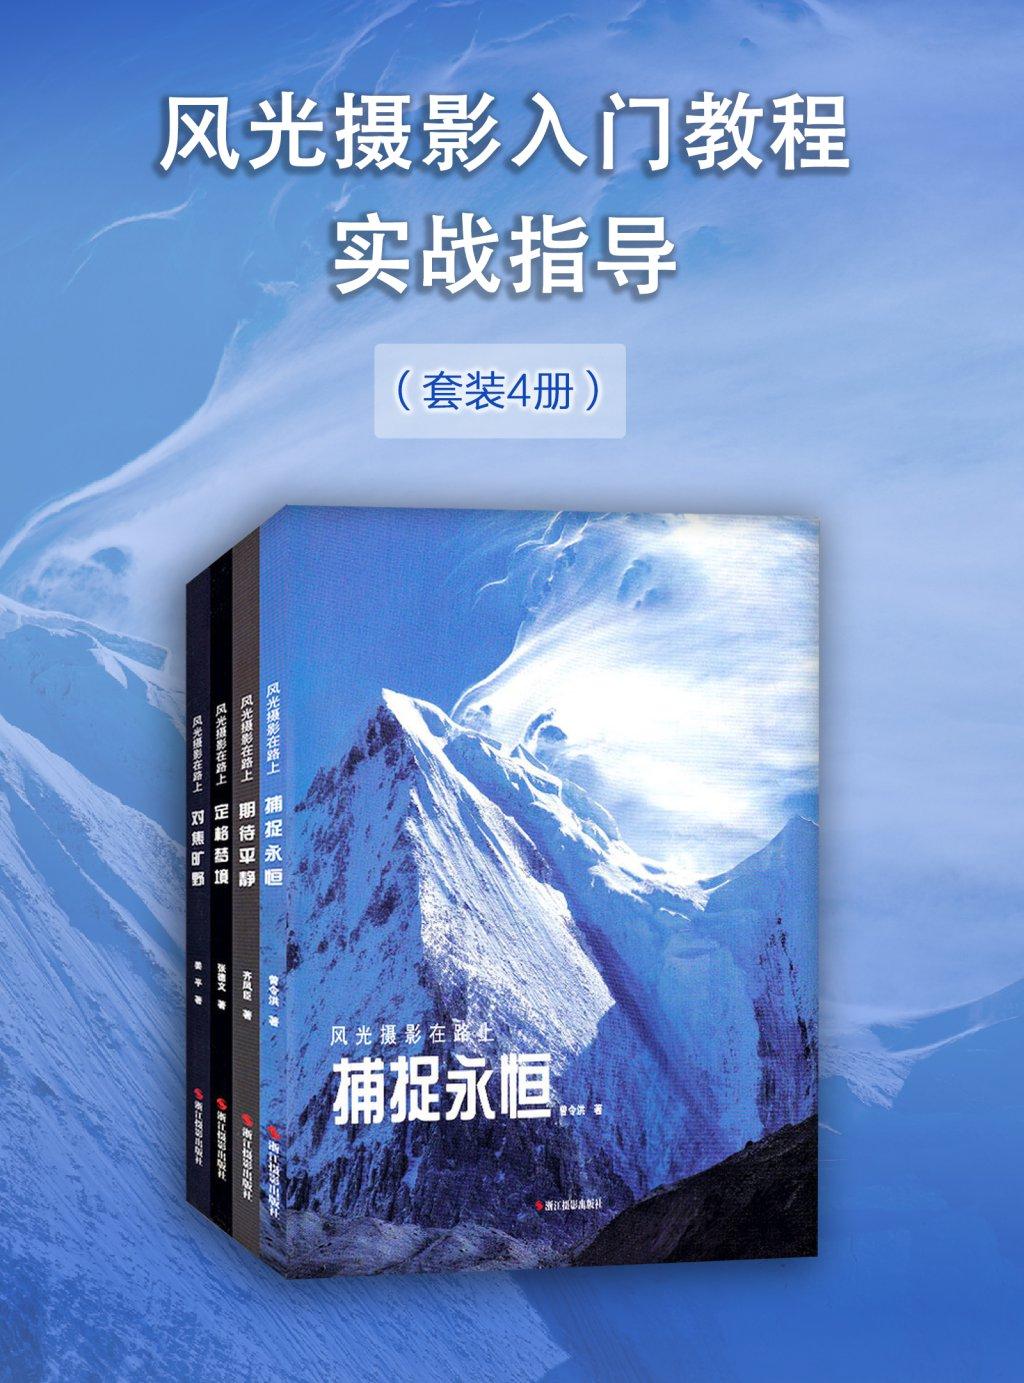 风光摄影入门教程实战指导(共4册)